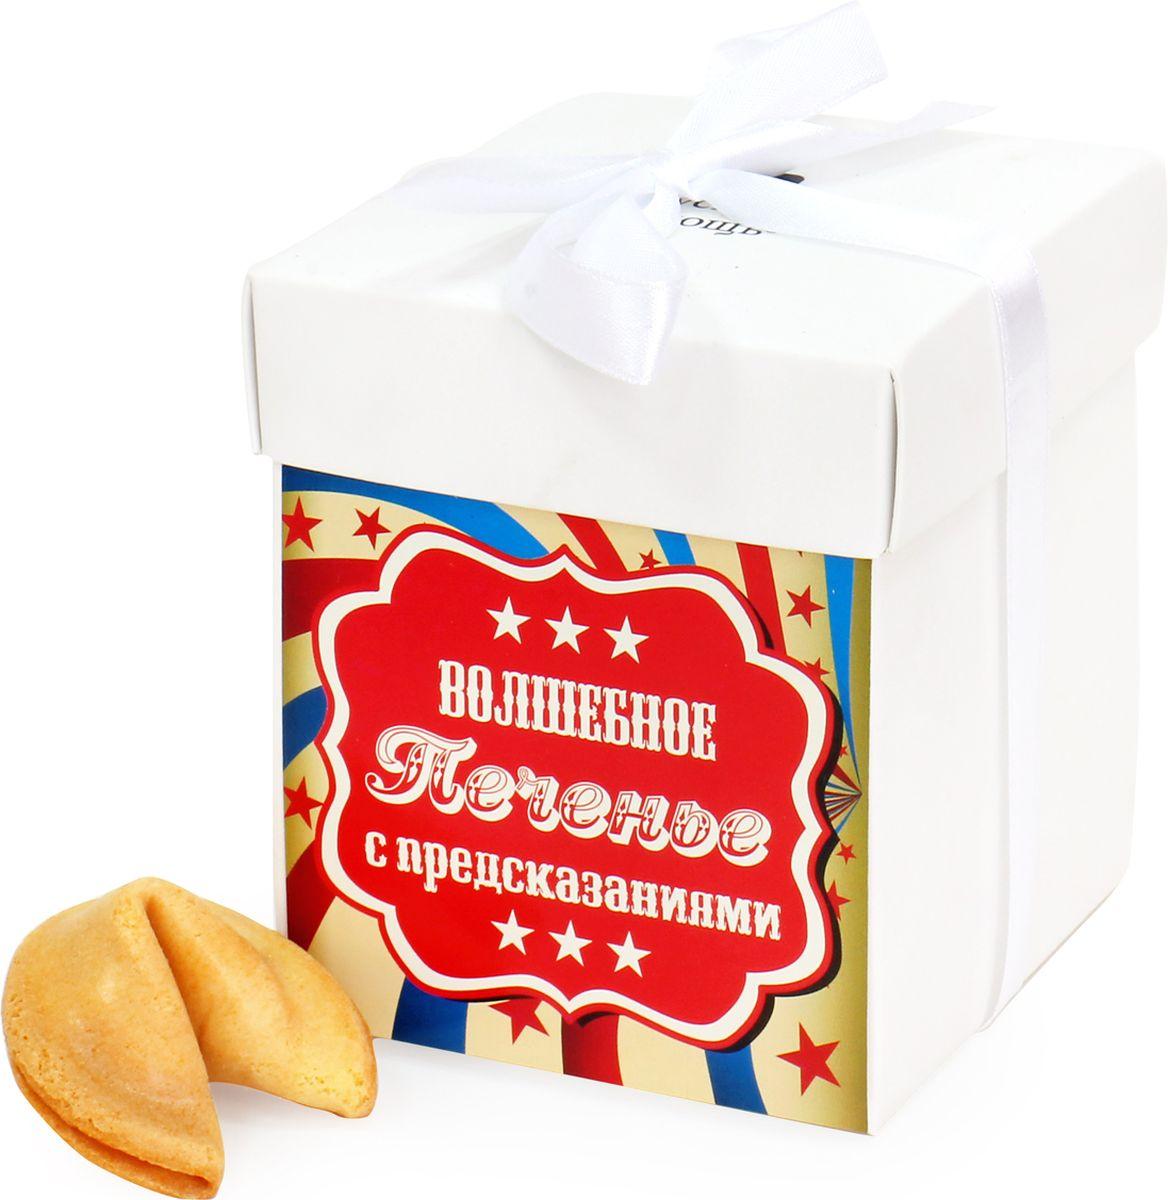 Волшебное печенье Вкусная помощь с предсказаниями, 7 шт4640000274832Вы скоро устраиваете вечеринку, или вы приглашены на чей-то праздник, а может быть, вы хотите собраться с друзьями, попивая чашечку ароматного чая? Тогда стоит подумать об изюминке, которые вы готовы привнести на ваше мероприятие. Прекрасное дополнение для вашего праздника – это печенье с предсказаниями. Предсказания наполнены теплотой и нежностью, они будут приятны каждому. Покупайте коробку печенек с предсказаниями – испытывайте судьбу! Примеры китайских предсказаний: Любви пусть вашей яркий свет, вас греет много-много лет Вас ждут путешествия Вас ждет встреча с важным человеком Вы станете для кого-то подарком судьбы Вас ждет удачное решение денежных вопросов Очень полезными окажутся старые связи Вы сможете взглянуть на мир по-новому Неделя благоприятна для налаживания семейных отношений Не бойтесь менять что-то в своей профессиональной жизни Вас ожидает вечеринка-сюрприз Сконцентрируйте все силы на...